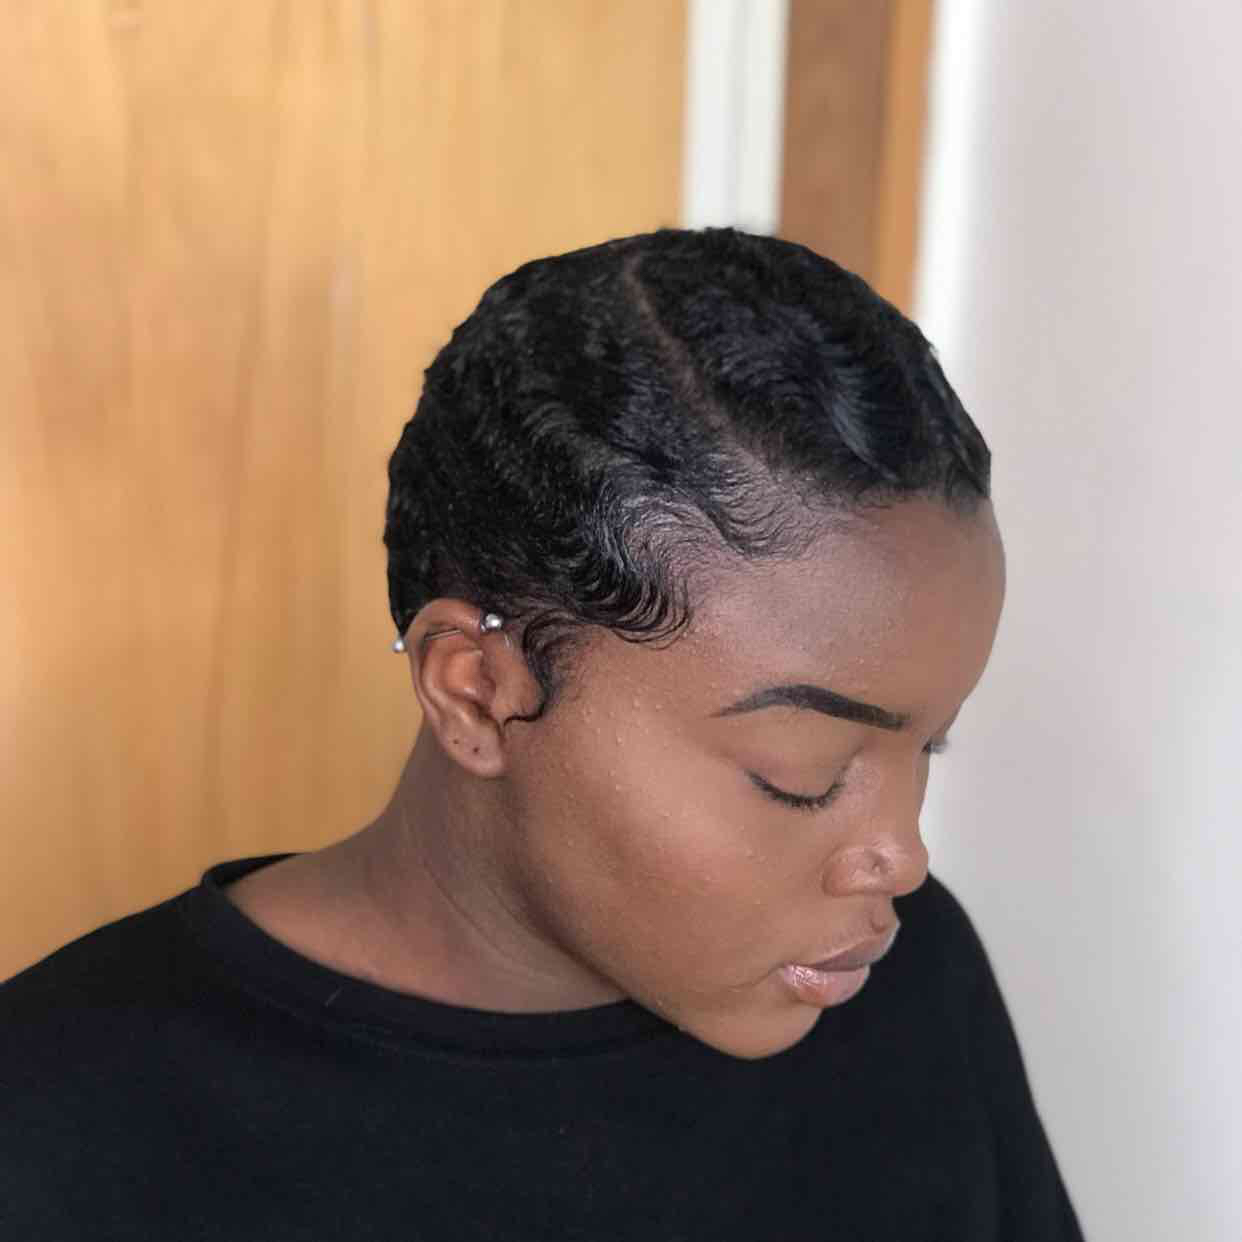 salon de coiffure afro tresse tresses box braids crochet braids vanilles tissages paris 75 77 78 91 92 93 94 95 UVSFWJRM